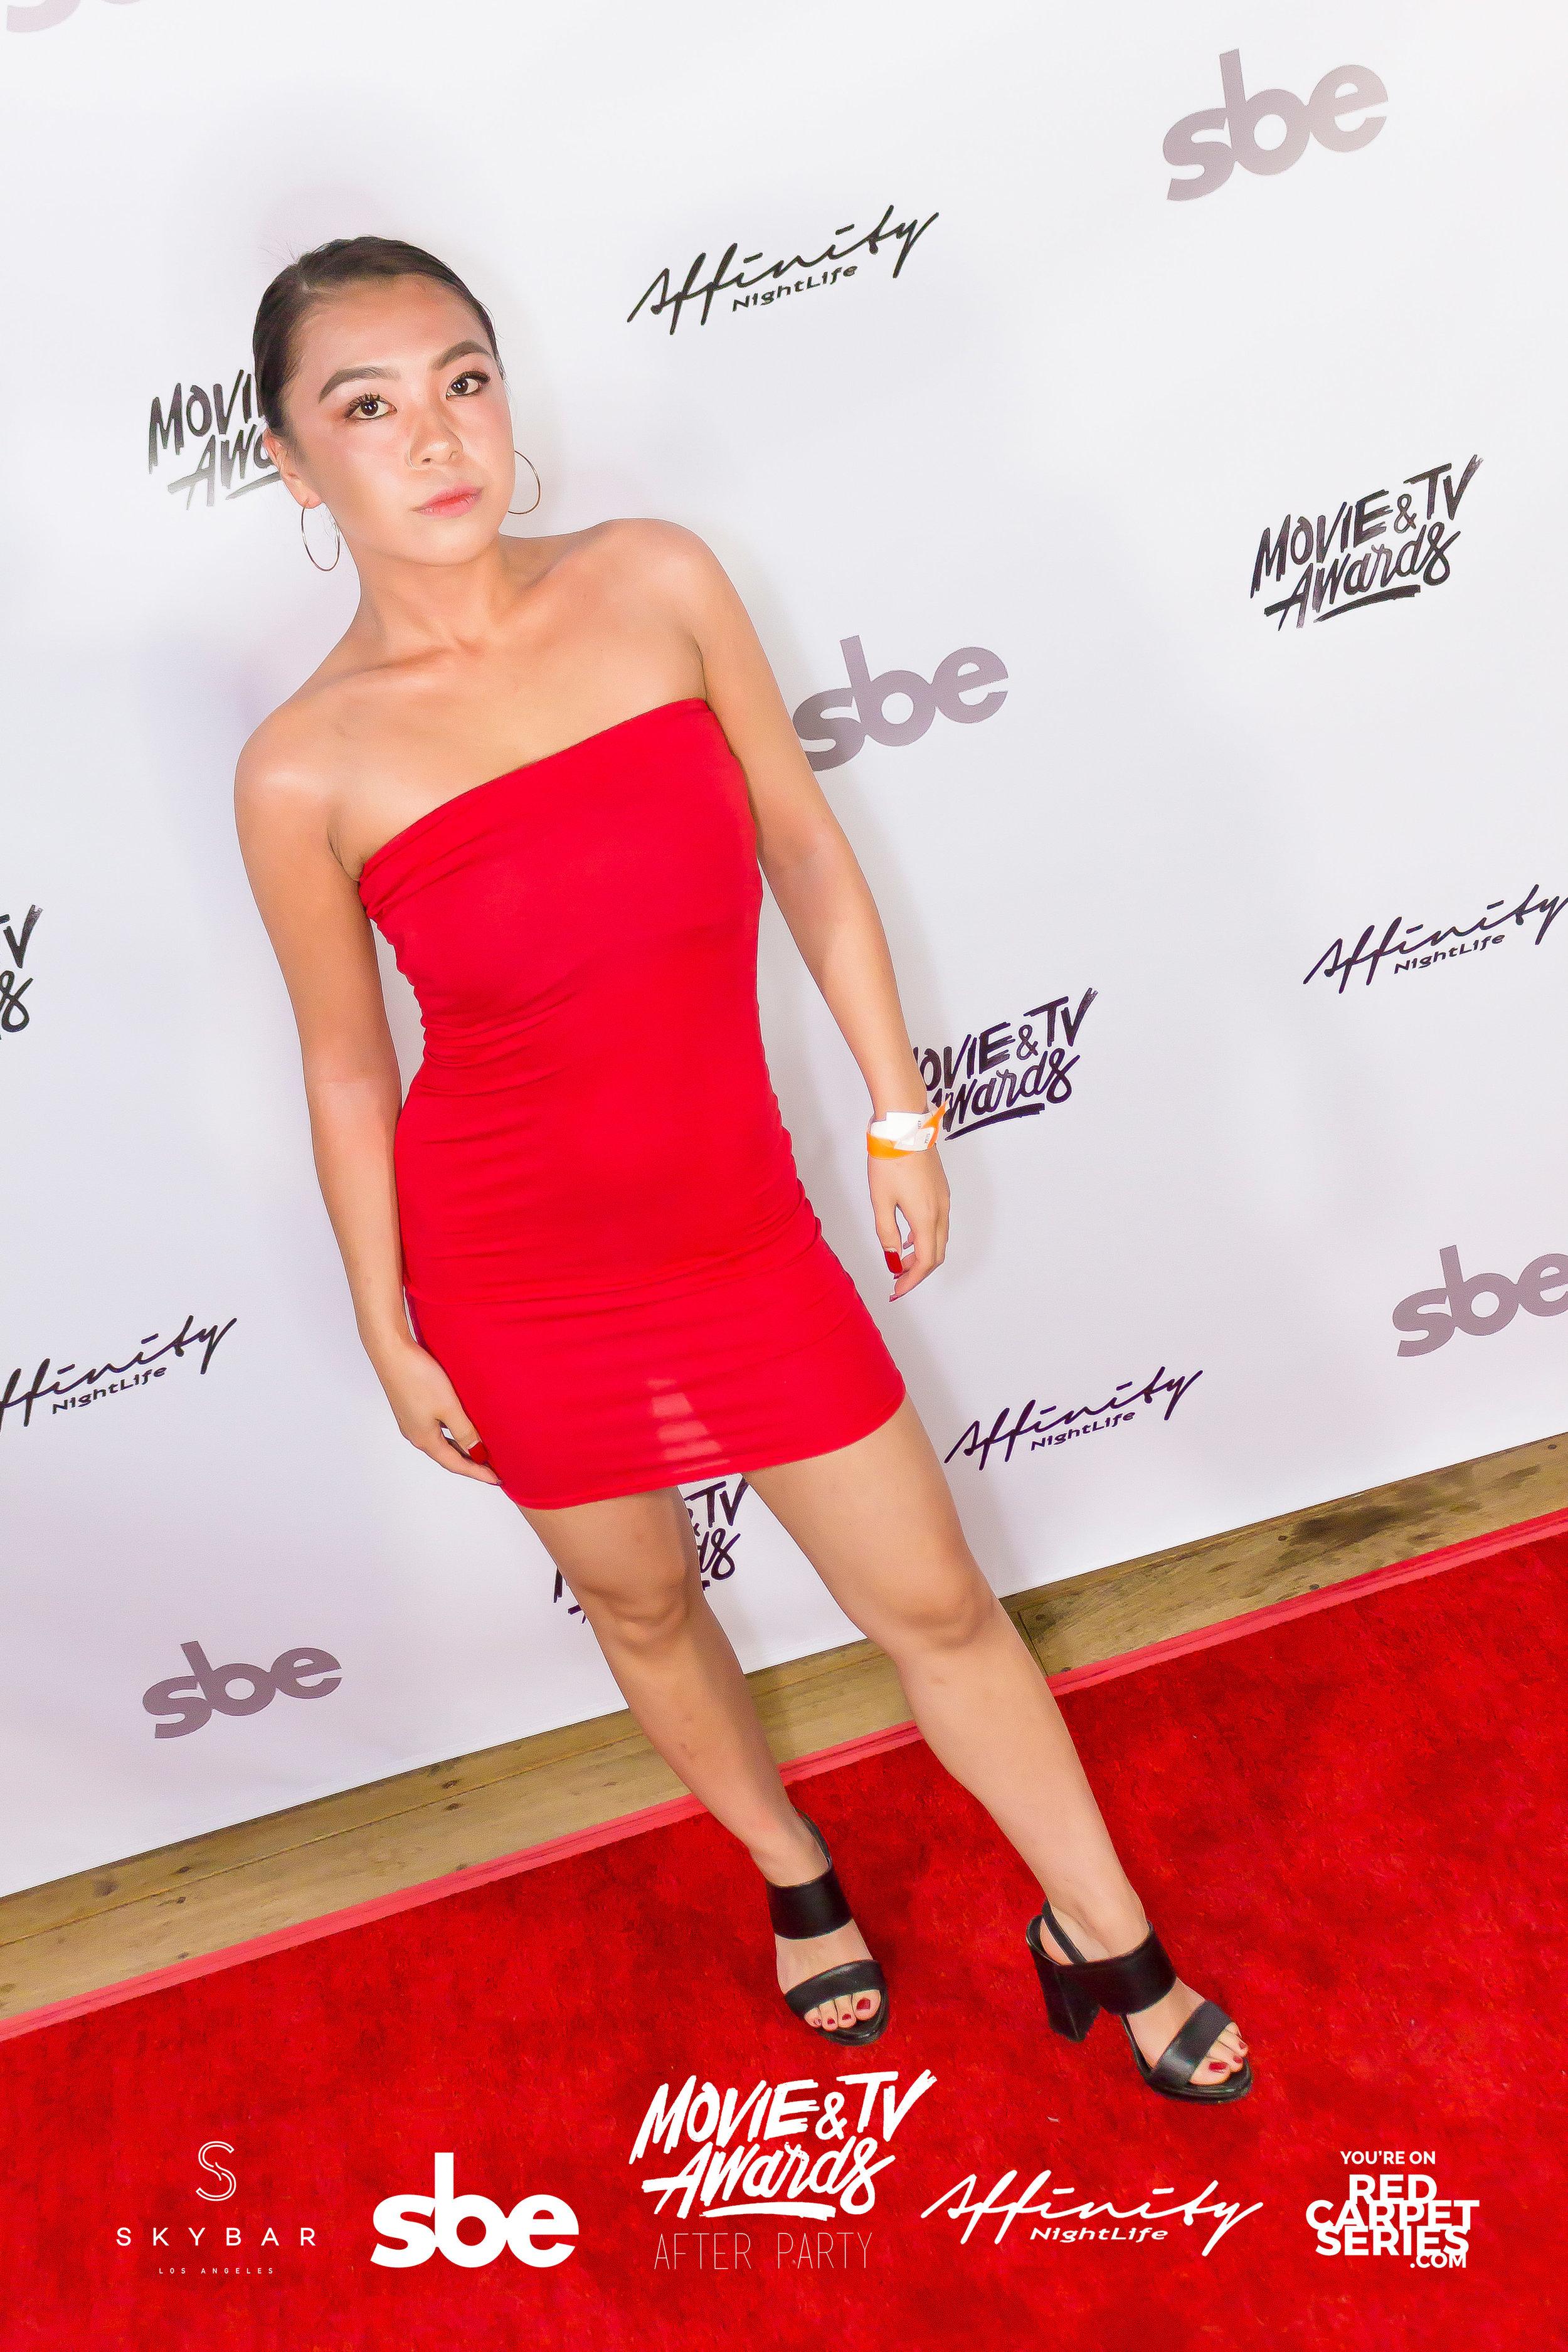 Affinity Nightlife MTV Movie & TV Awards After Party - Skybar at Mondrian - 06-15-19 - Vol. 2_58.jpg